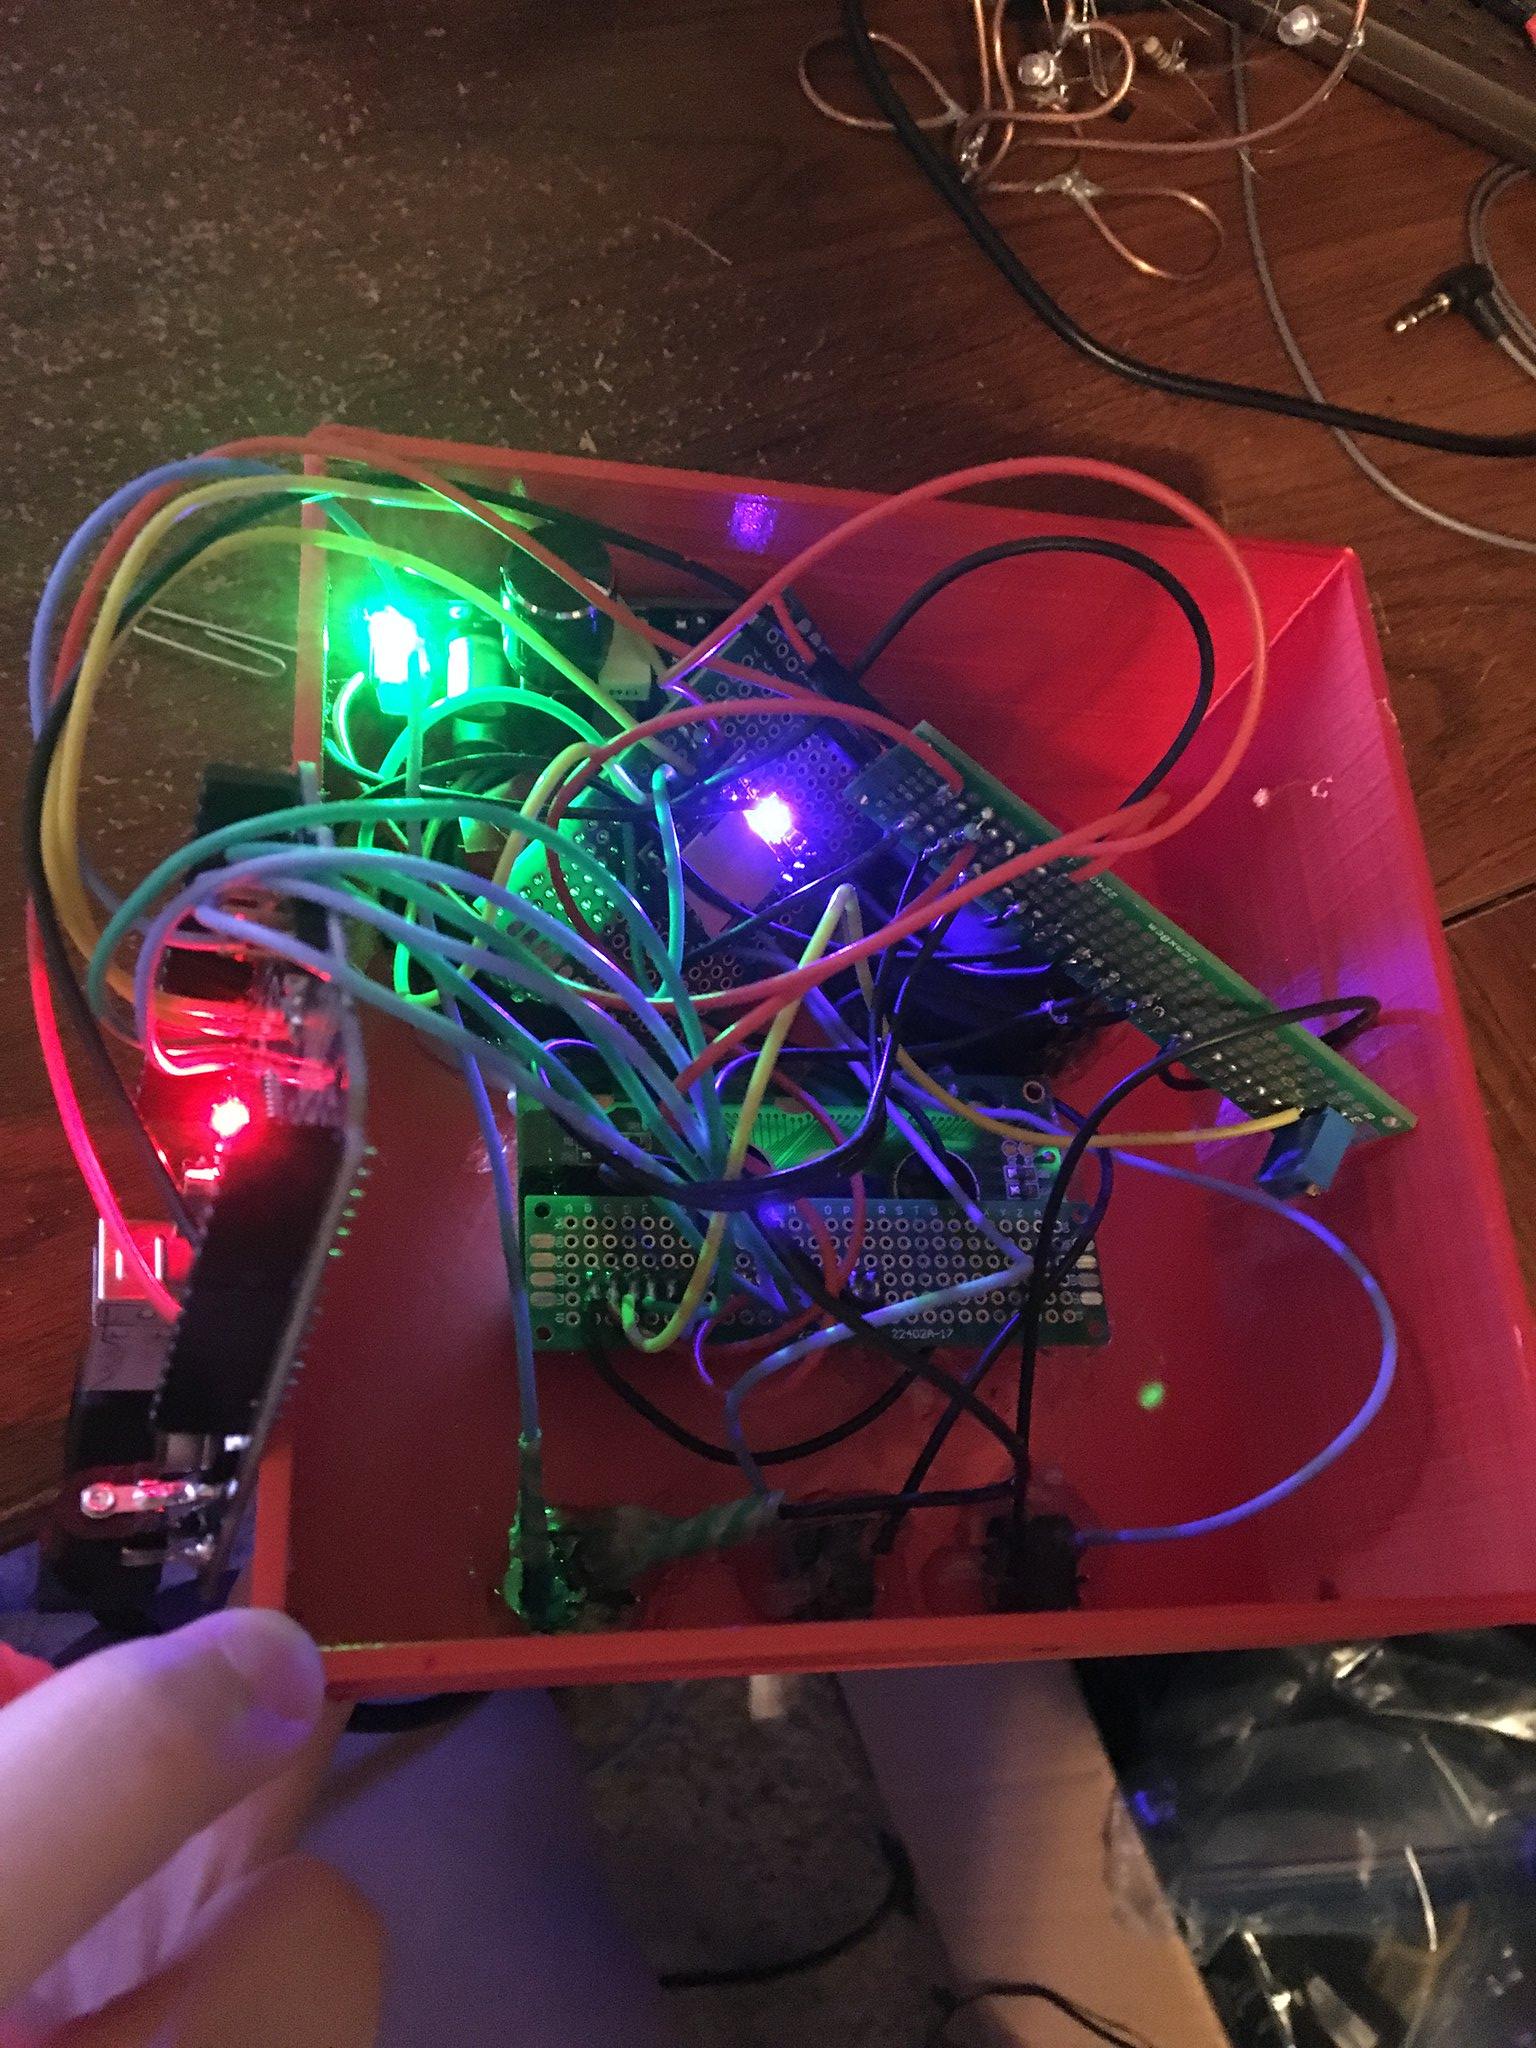 Protoboard turned on